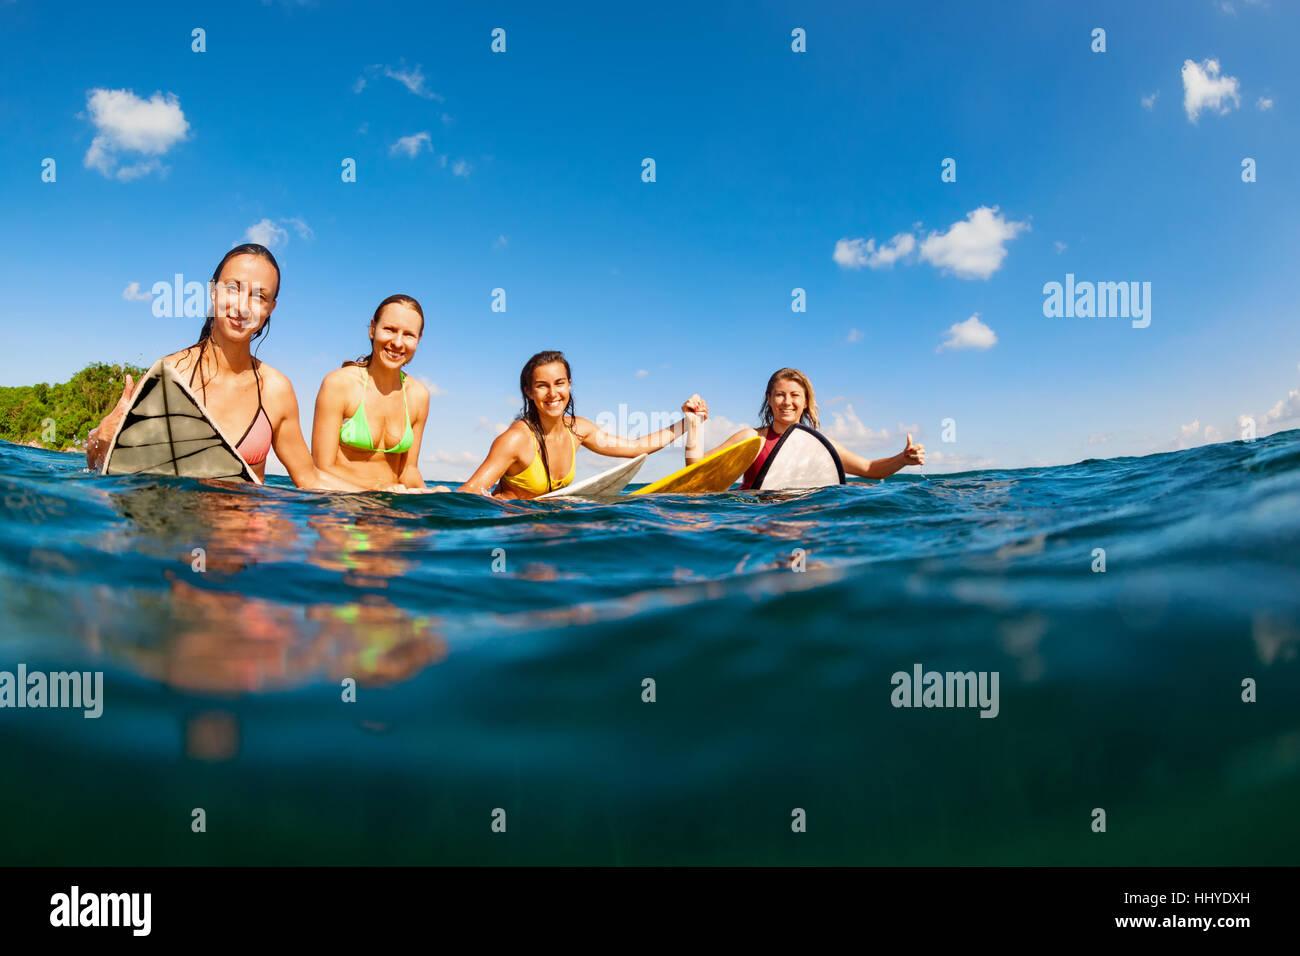 Filles en bikini - groupe de surfeurs sur des planches de surf, les femmes attendent pour océan vagues de personnes Photo Stock